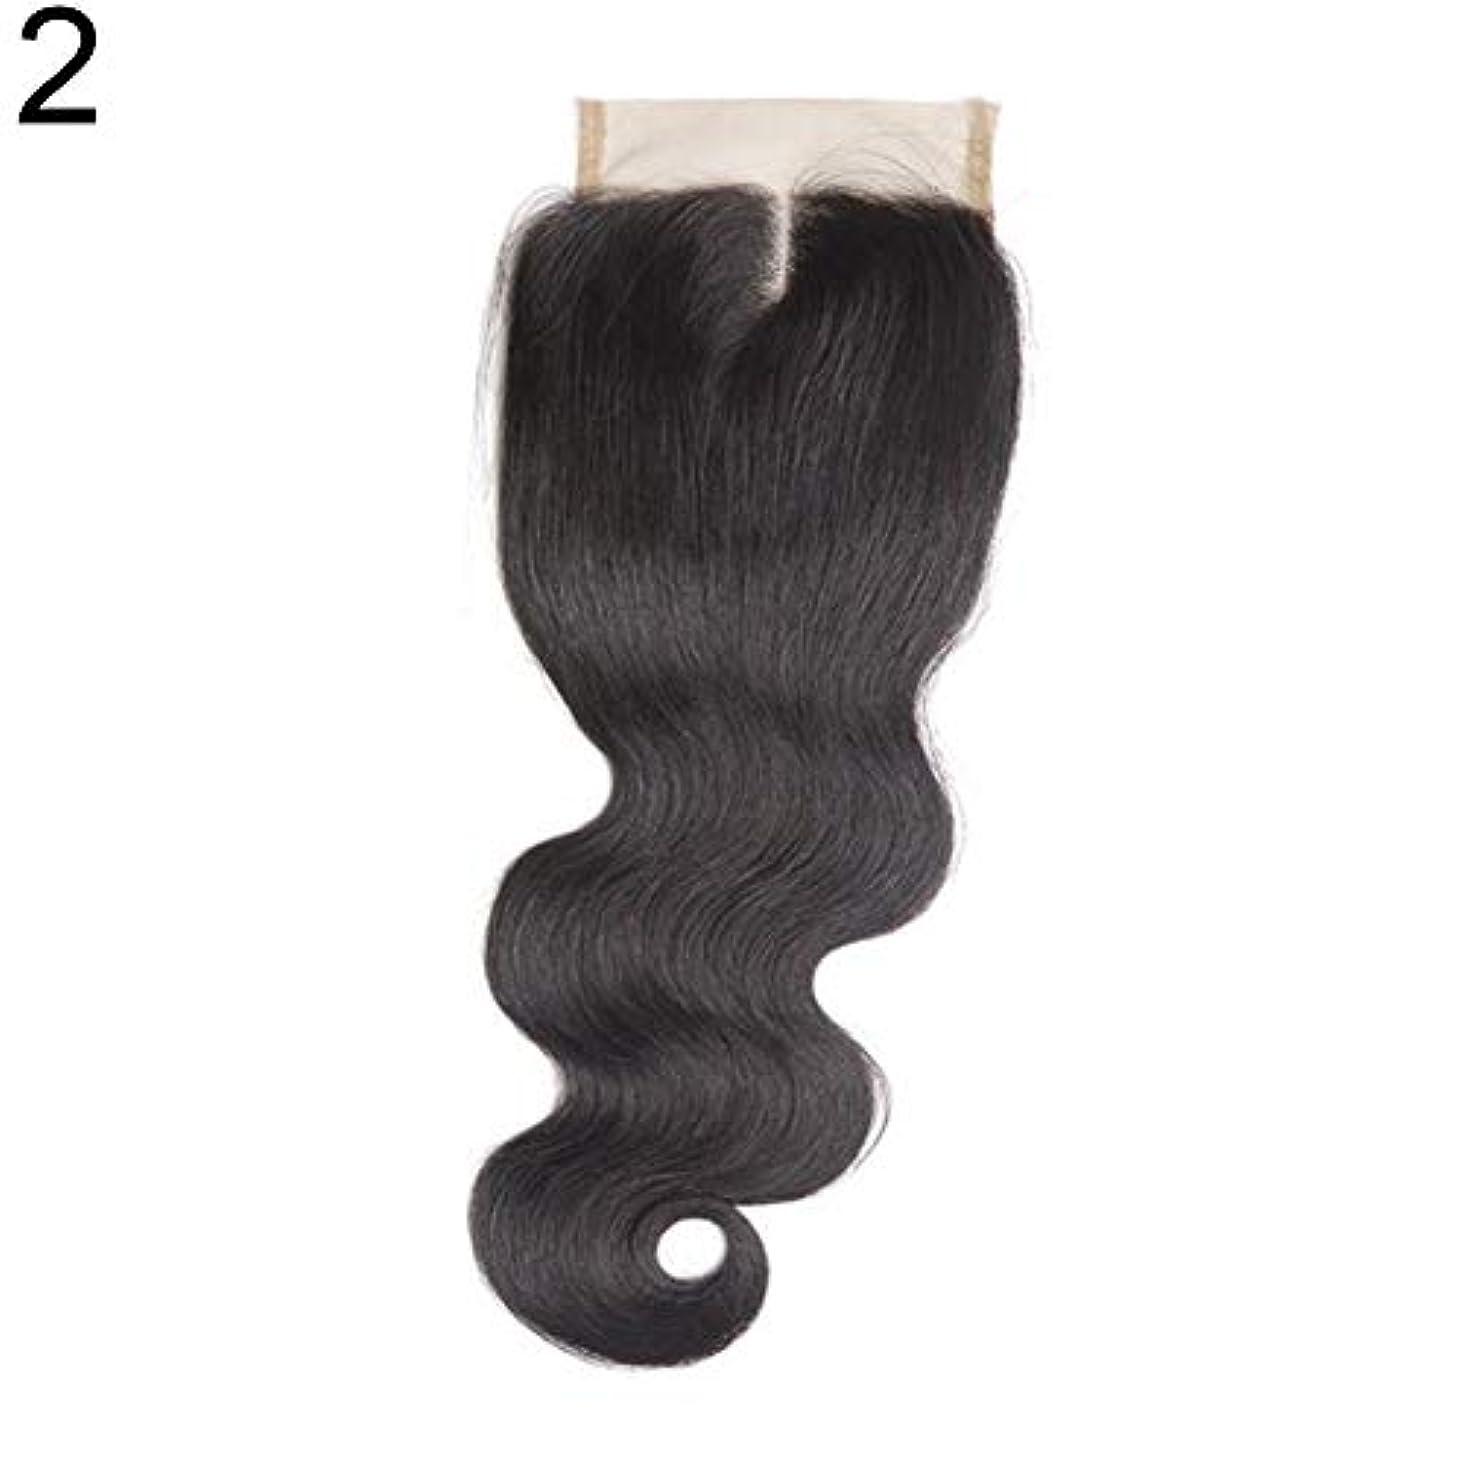 怖い取り消す申し立てられたslQinjiansav女性ウィッグ修理ツールブラジルのミドル/フリー/3部人間の髪のレース閉鎖ウィッグ黒ヘアピース